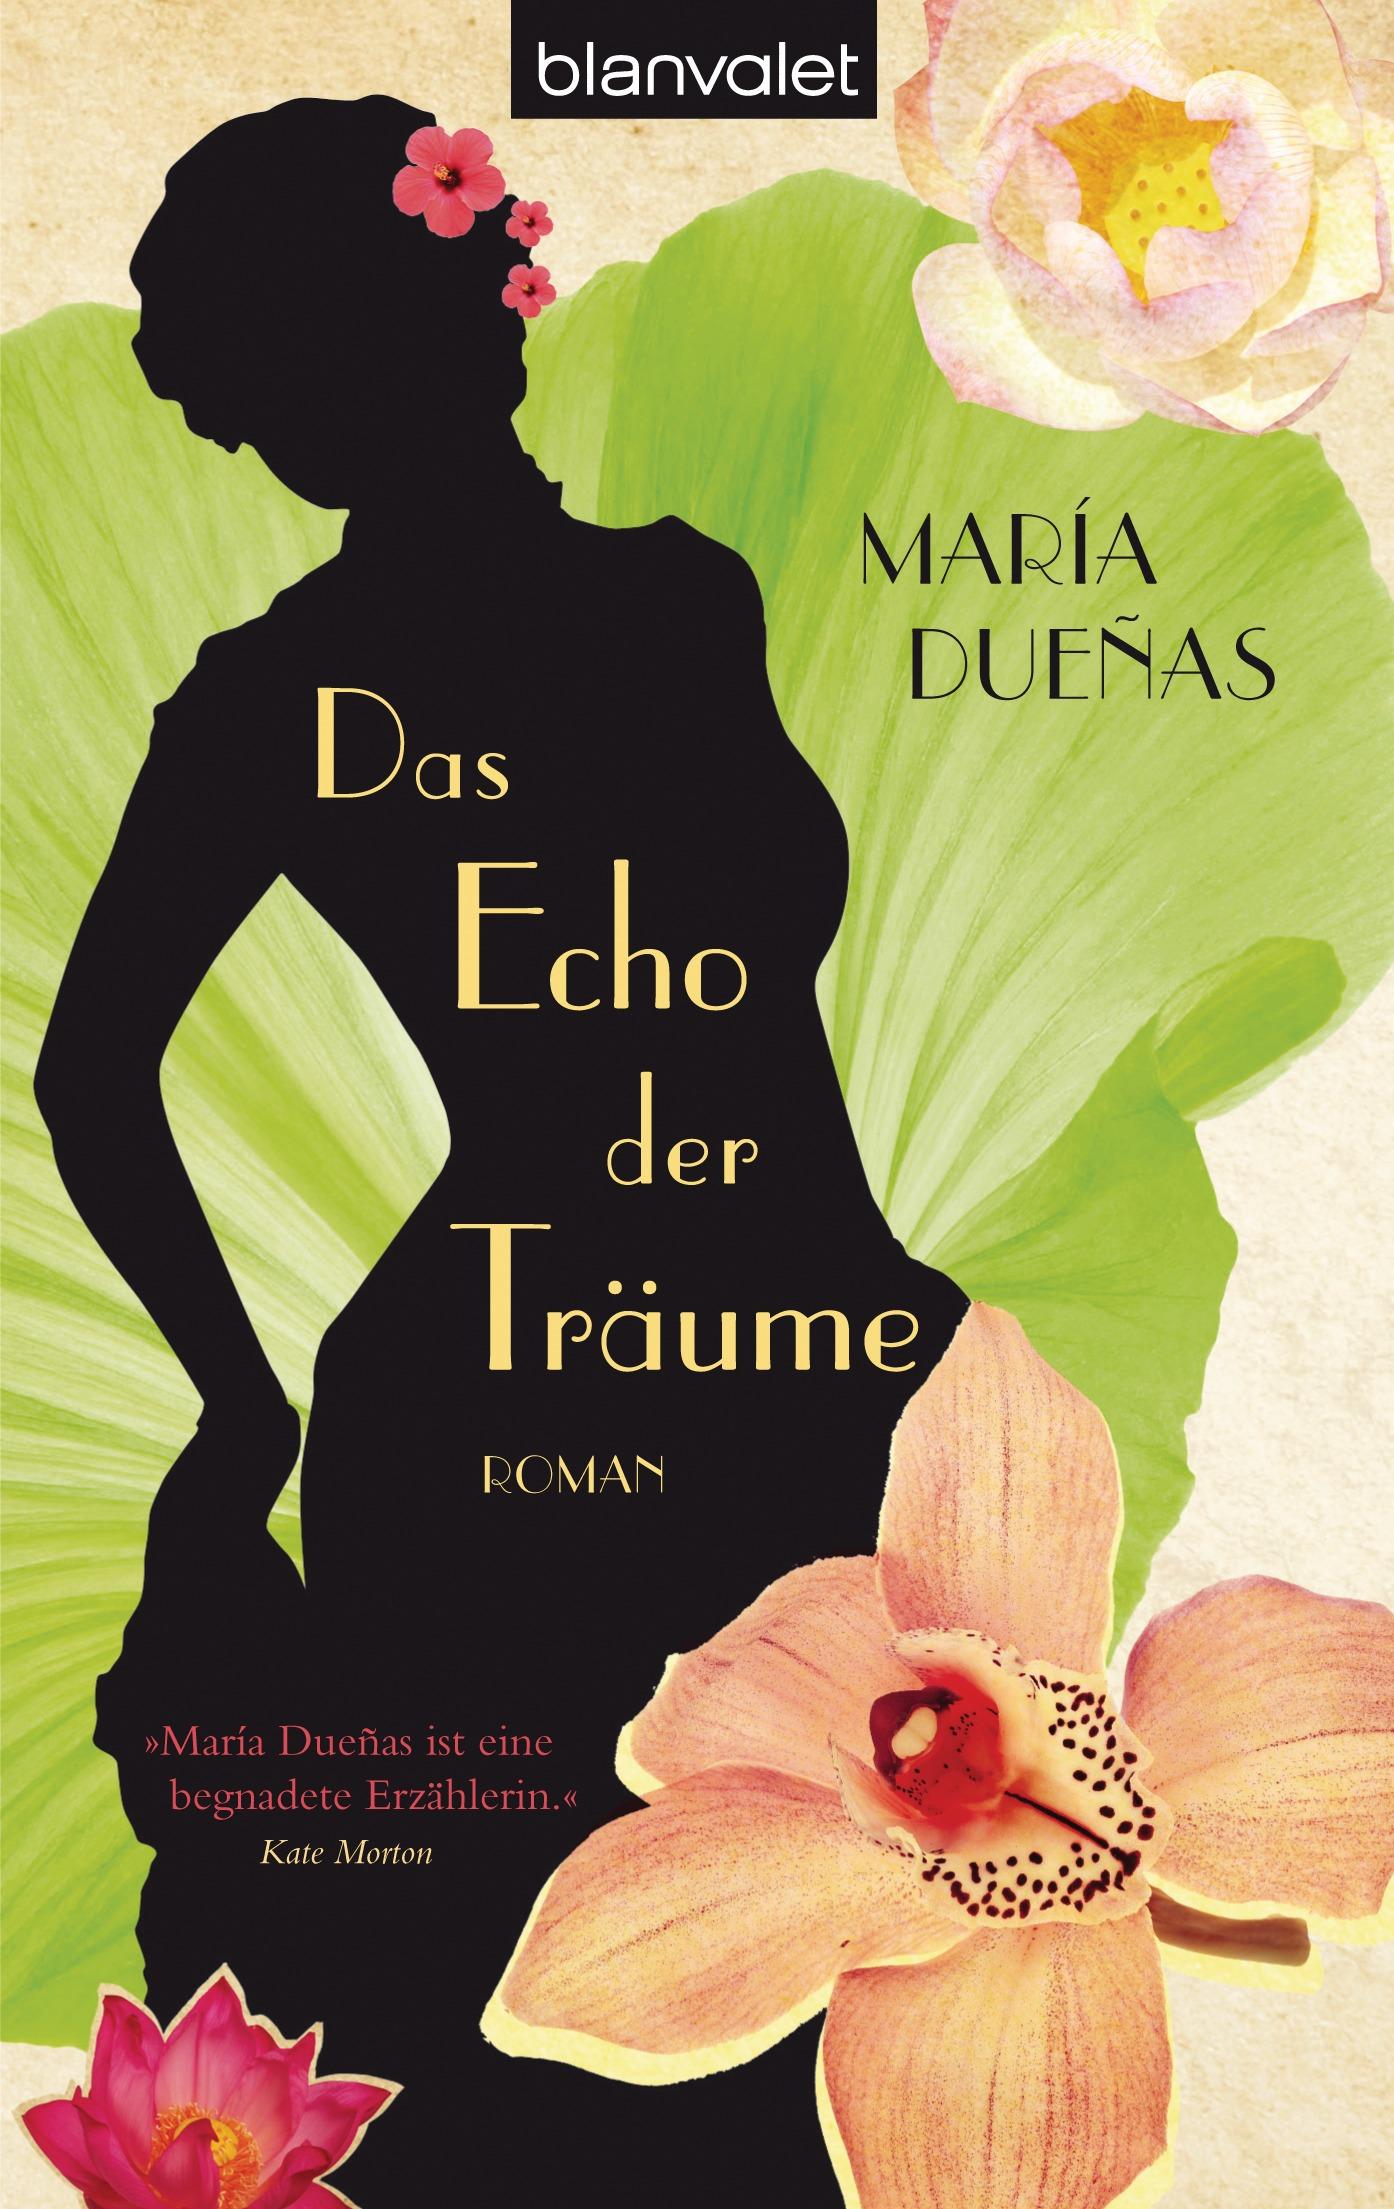 Das Echo der Träume - María Dueñas